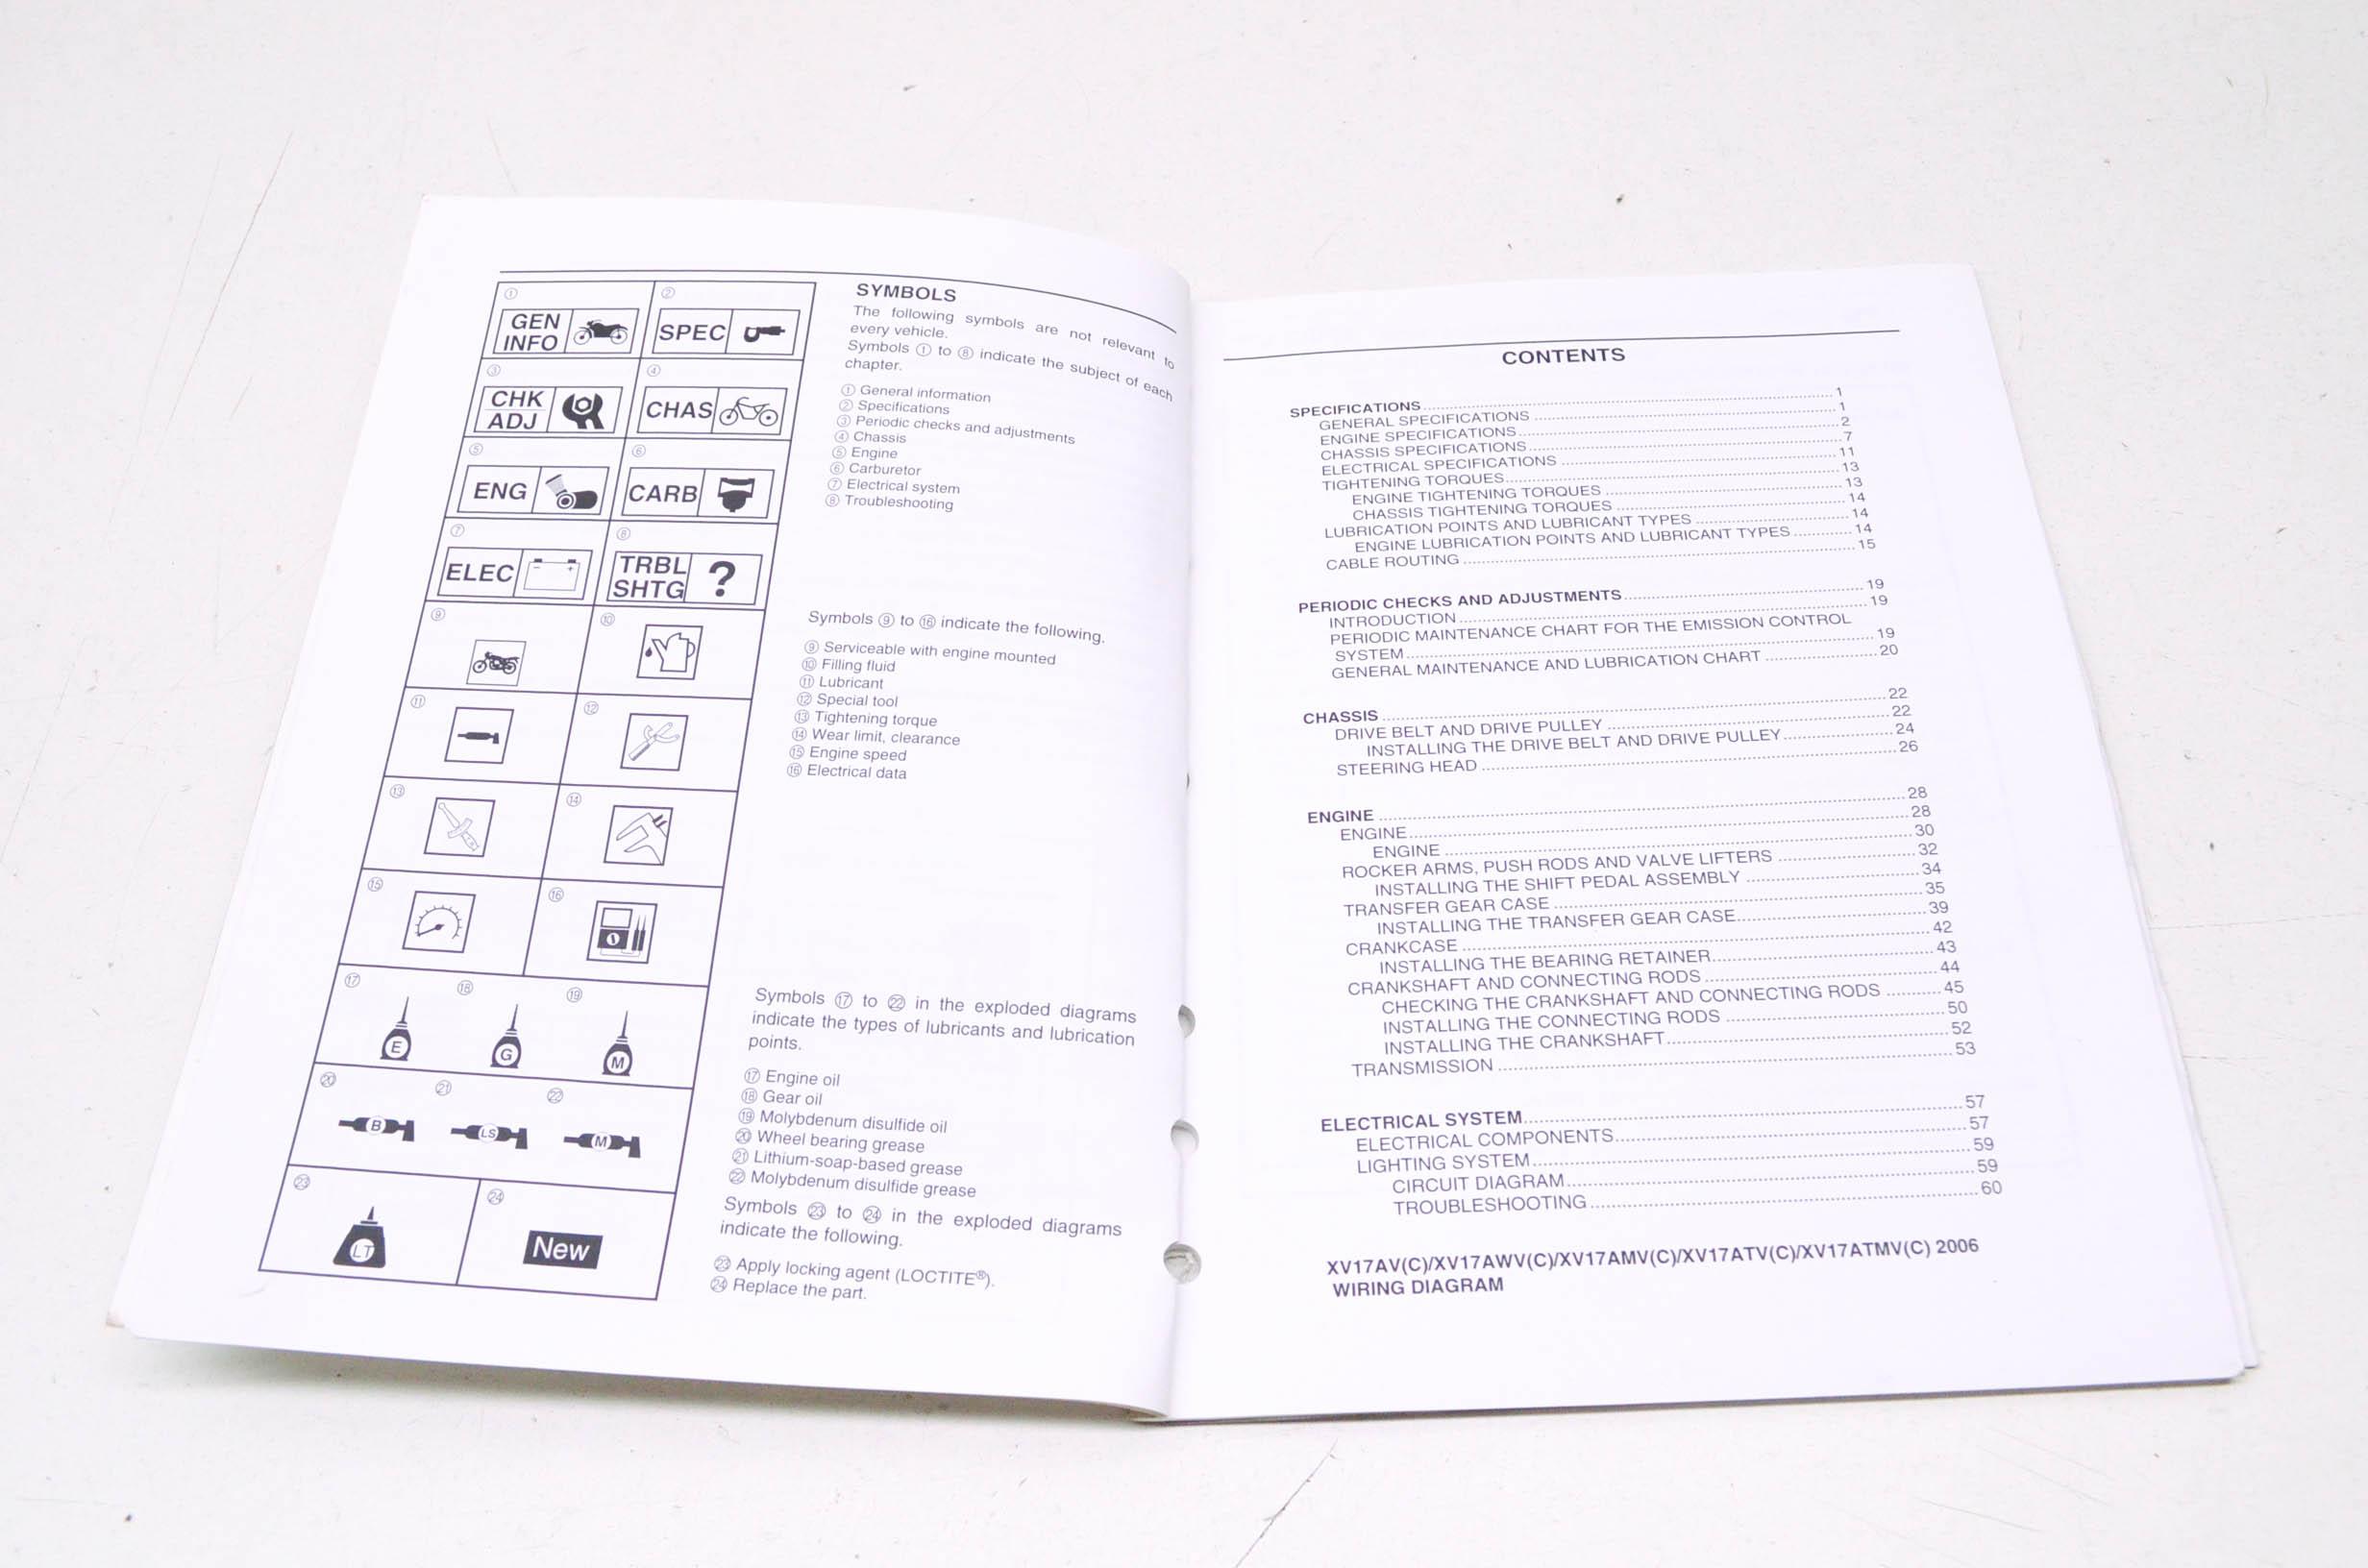 OEM Yamaha LIT-11616-19-45 XV17AV/AWV/AMV/ATV/A Service